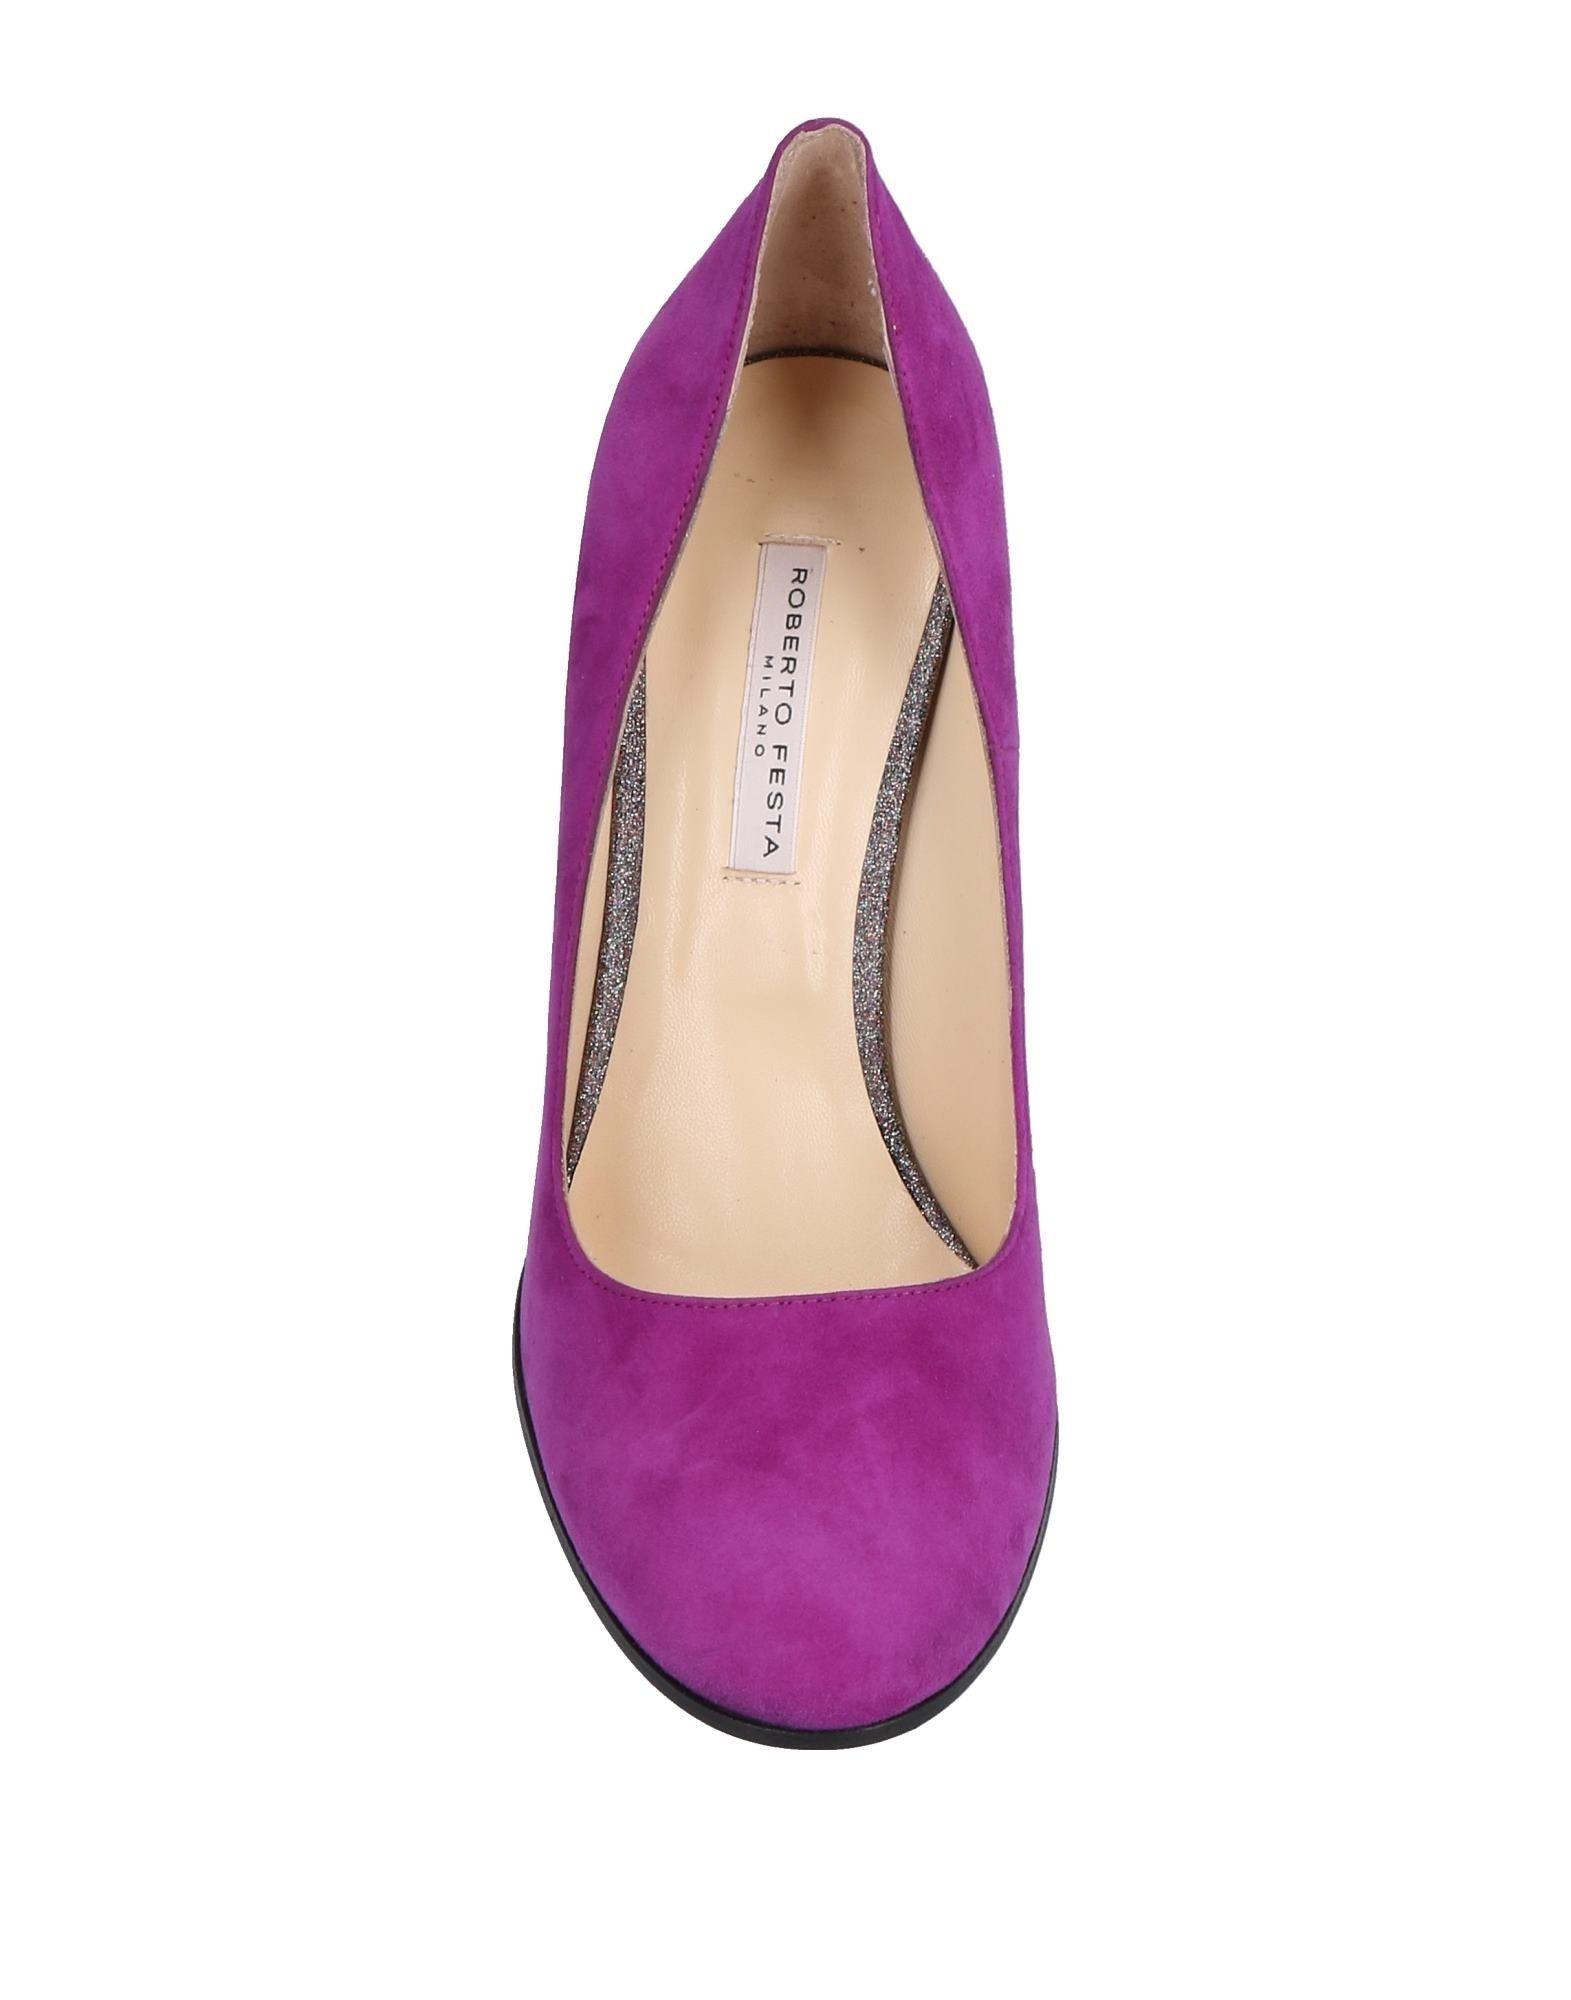 Stilvolle Pumps billige Schuhe Roberto Festa Pumps Stilvolle Damen  11503388ET c6acd3